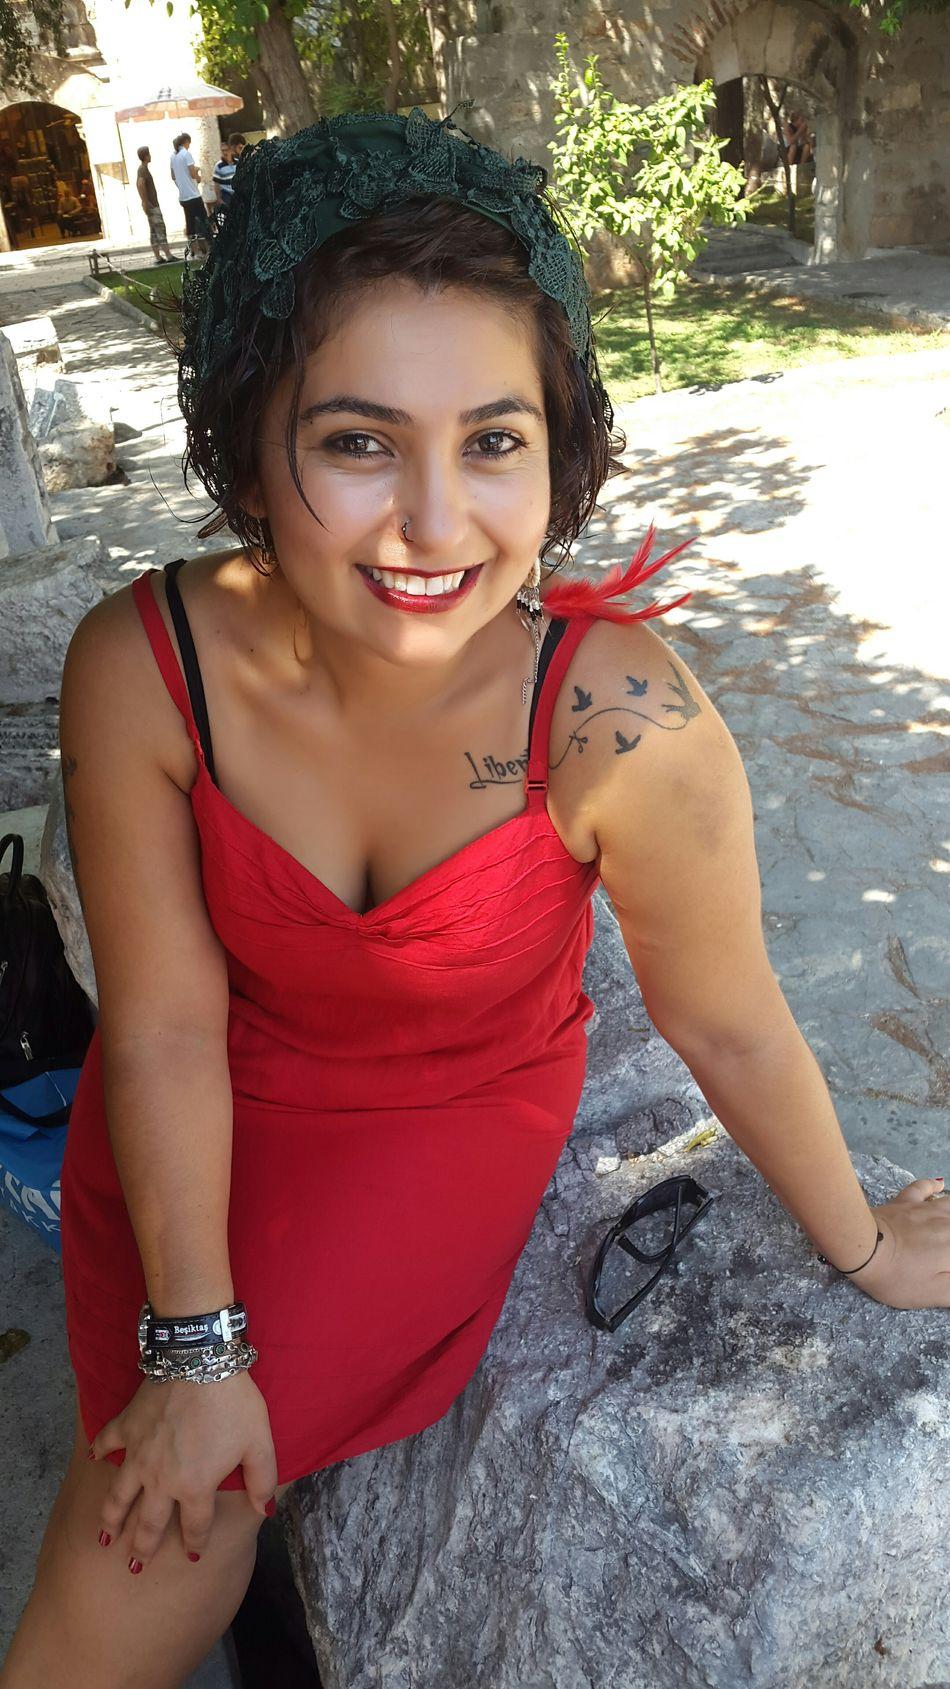 Kırmızı Renk Ahenk Siirsokakta Antalya Siyah&beyaz  Kaleiçi Sehir Turu